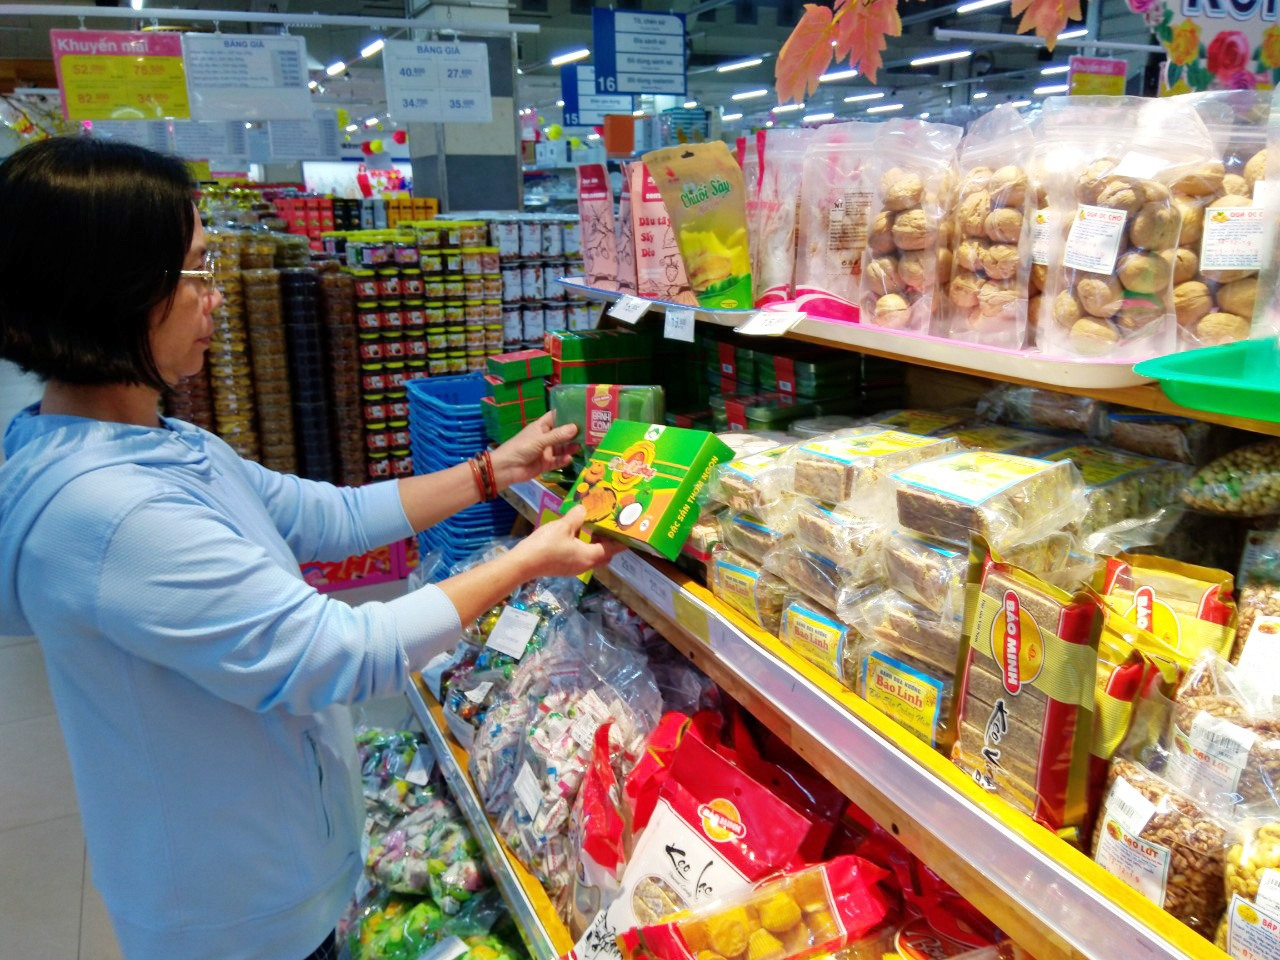 Sản phẩm đặc trưng Quảng Nam được bày bán tại Co.opMart Tam Kỳ thu hút người tiêu dùng. Ảnh: L.V